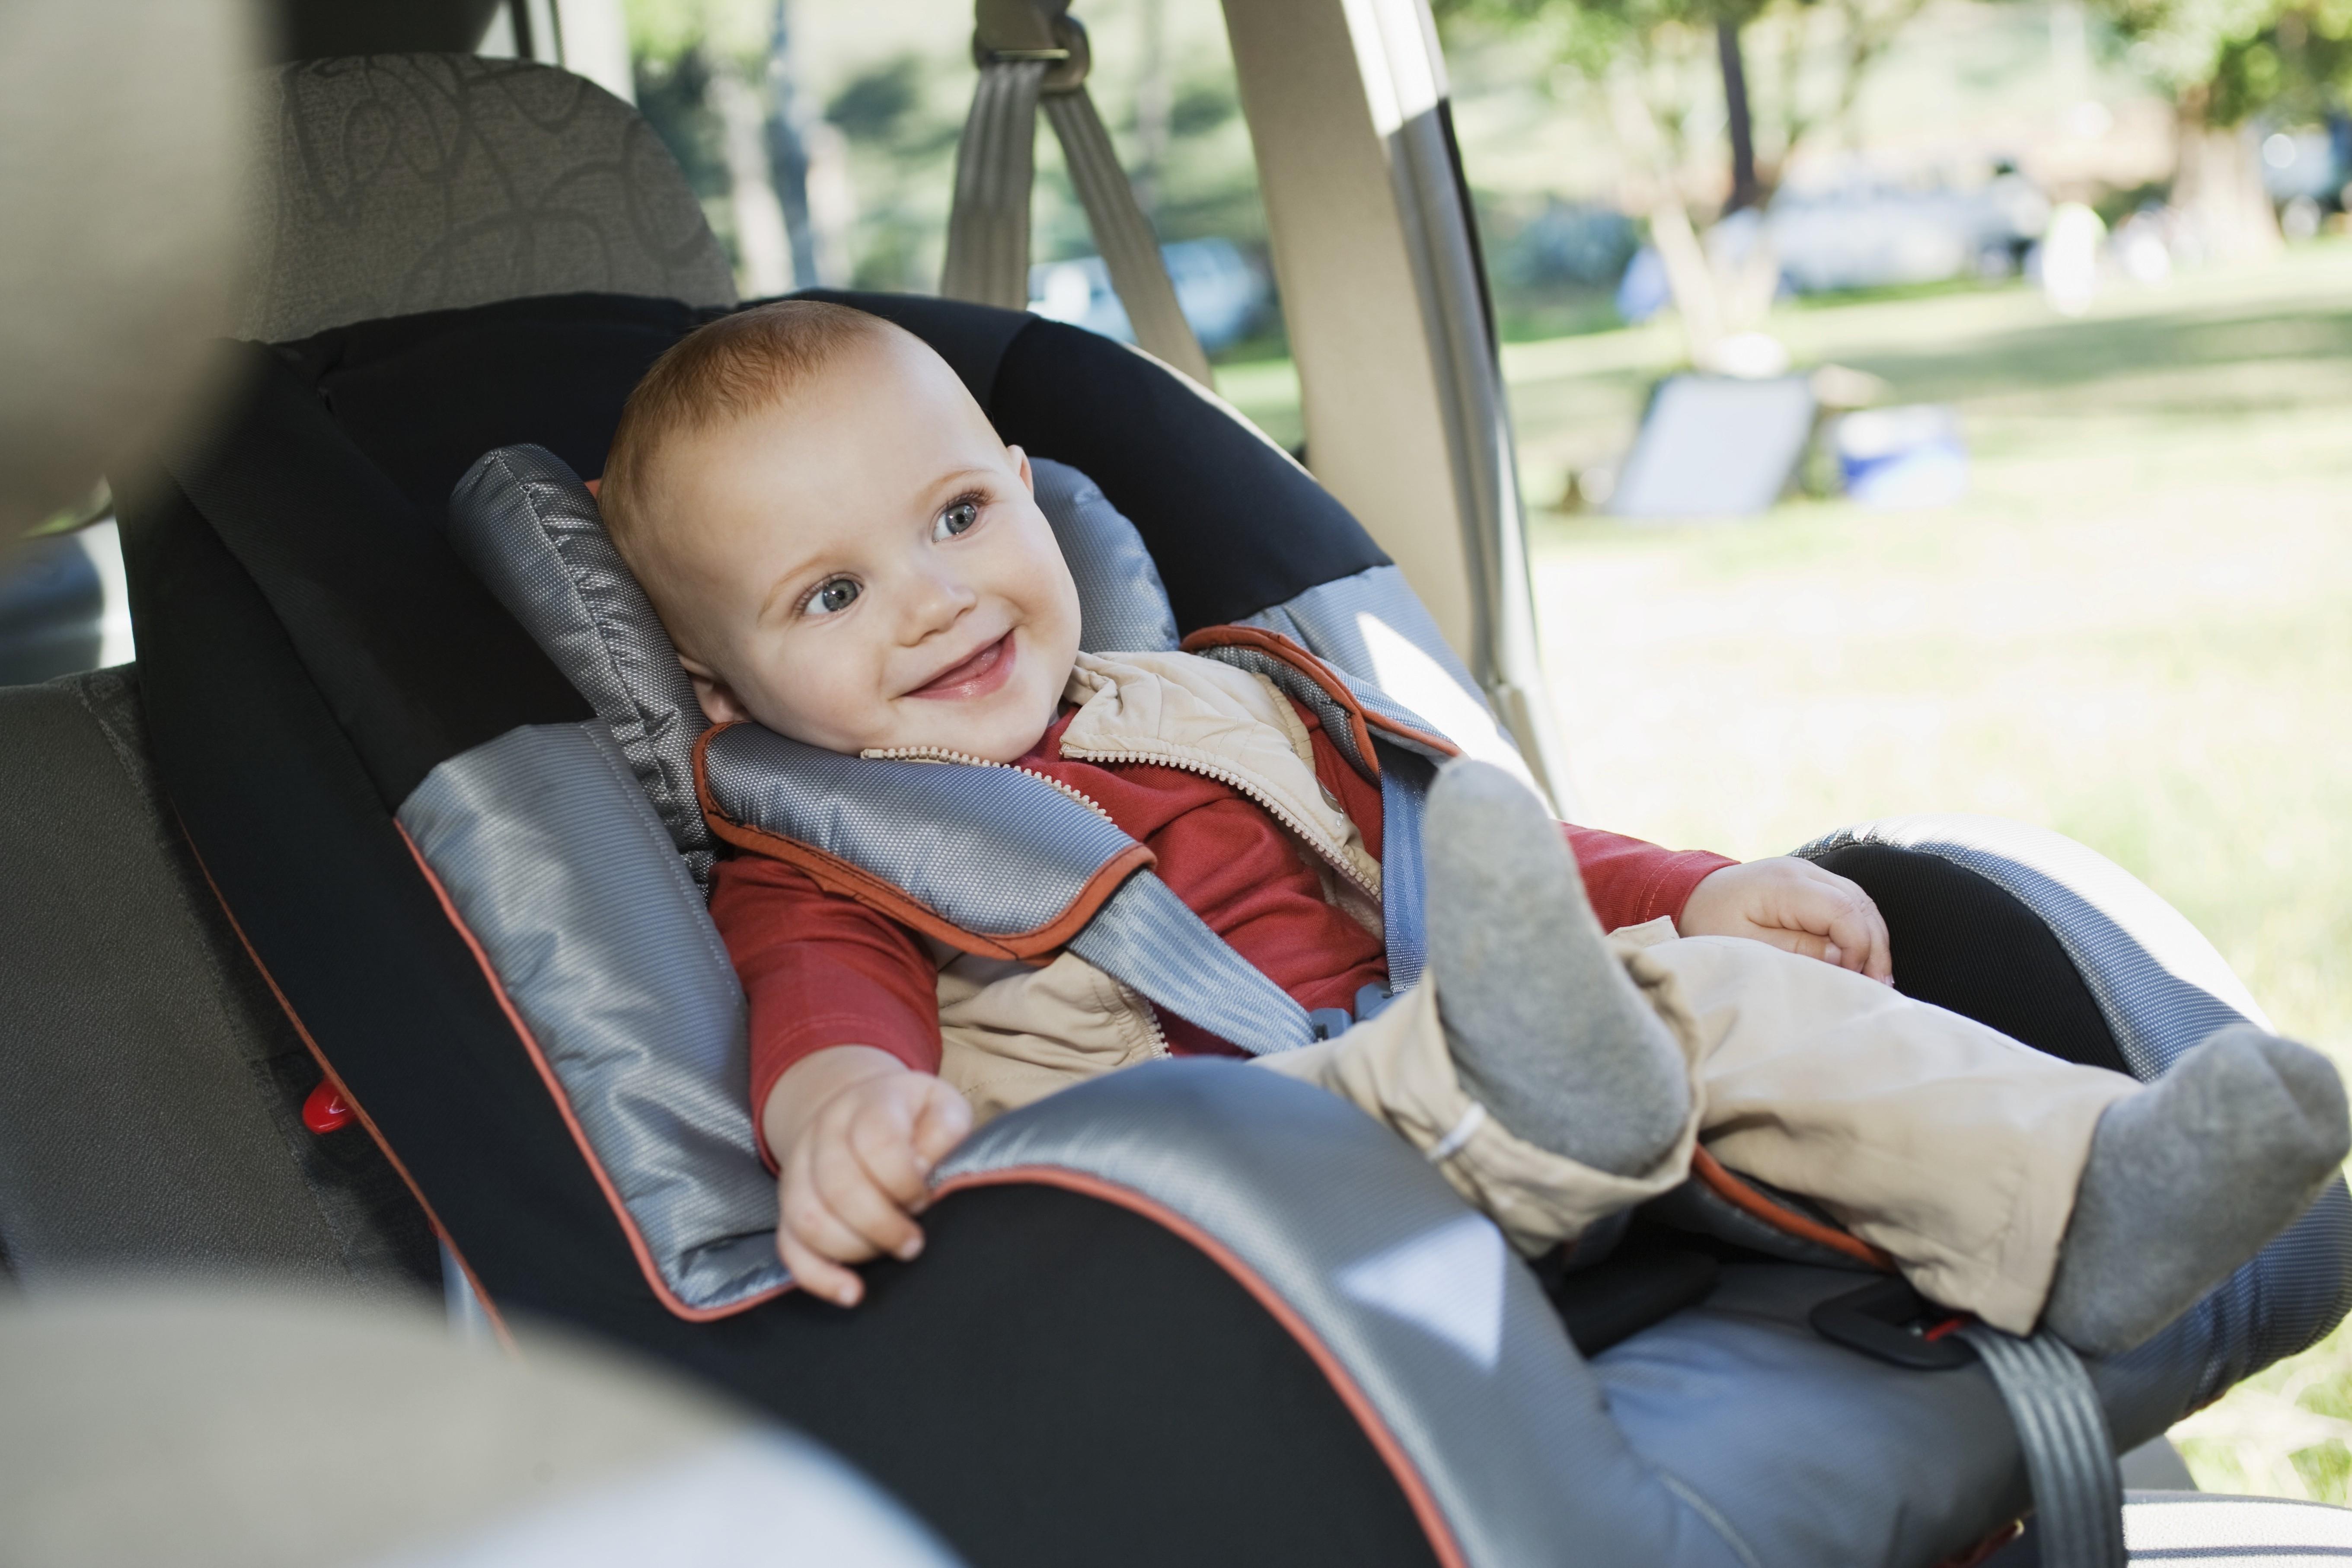 Автокресло для большого ребенка фото